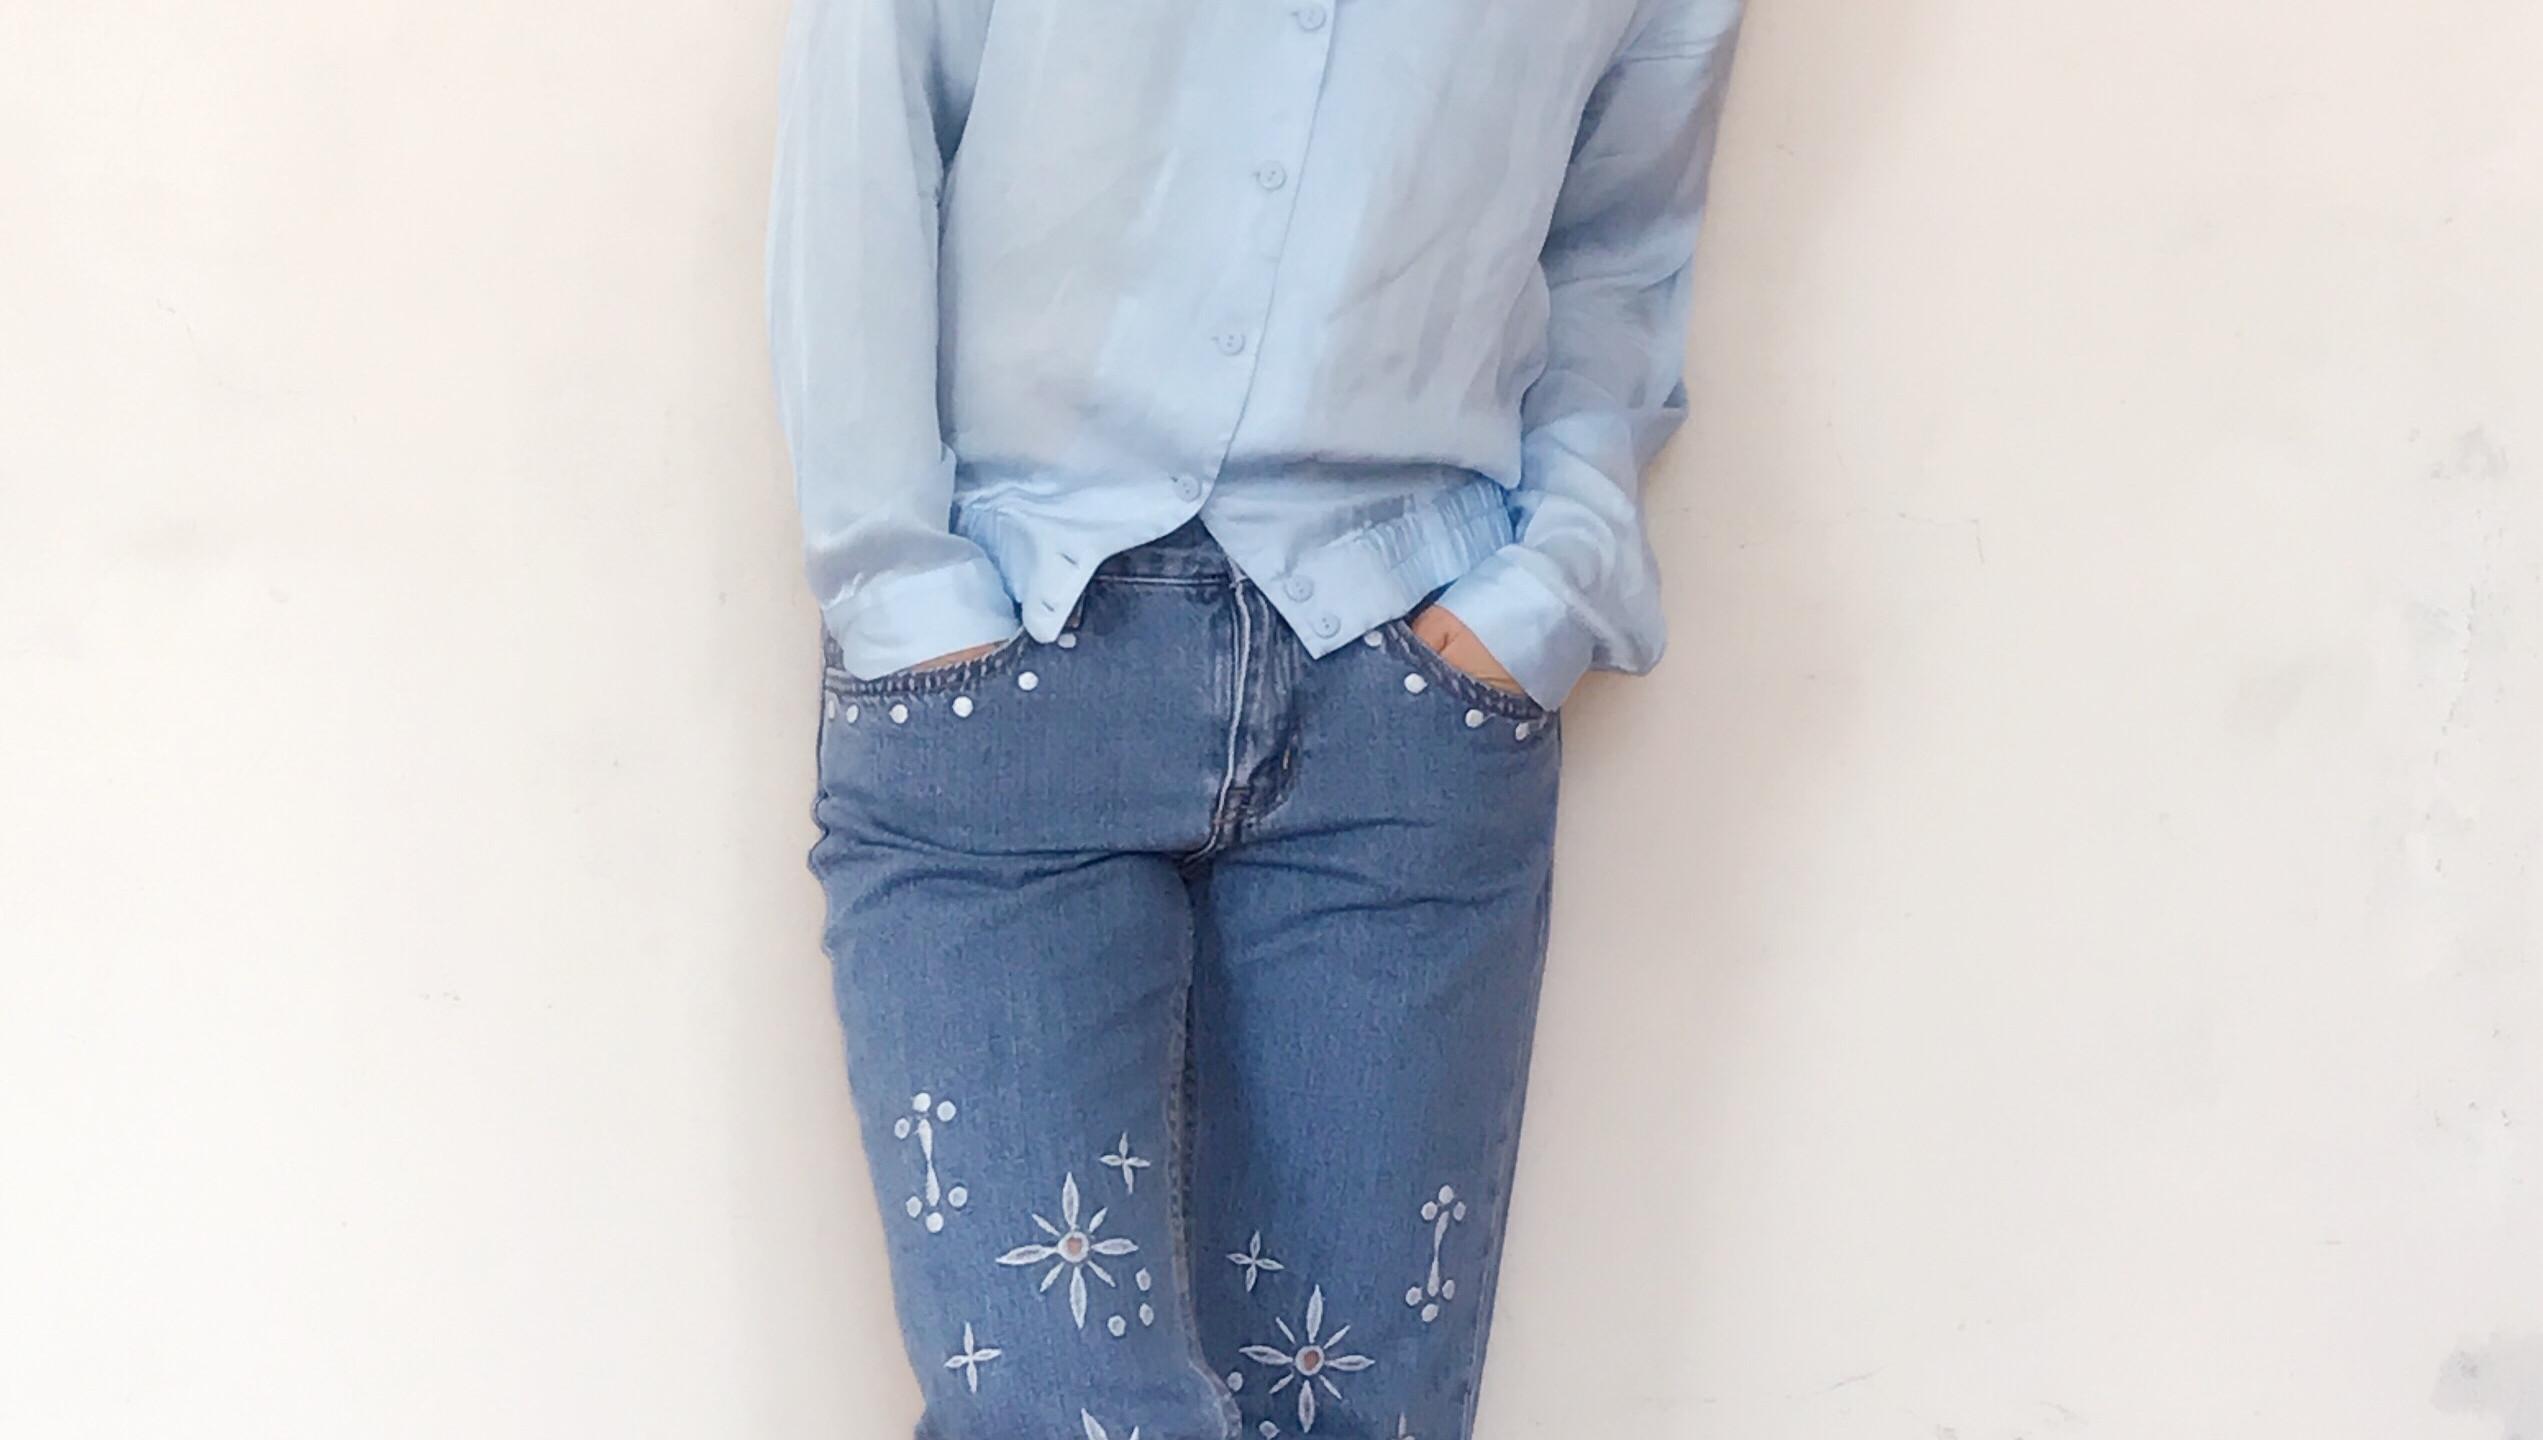 Mango jeans, Prada shoes